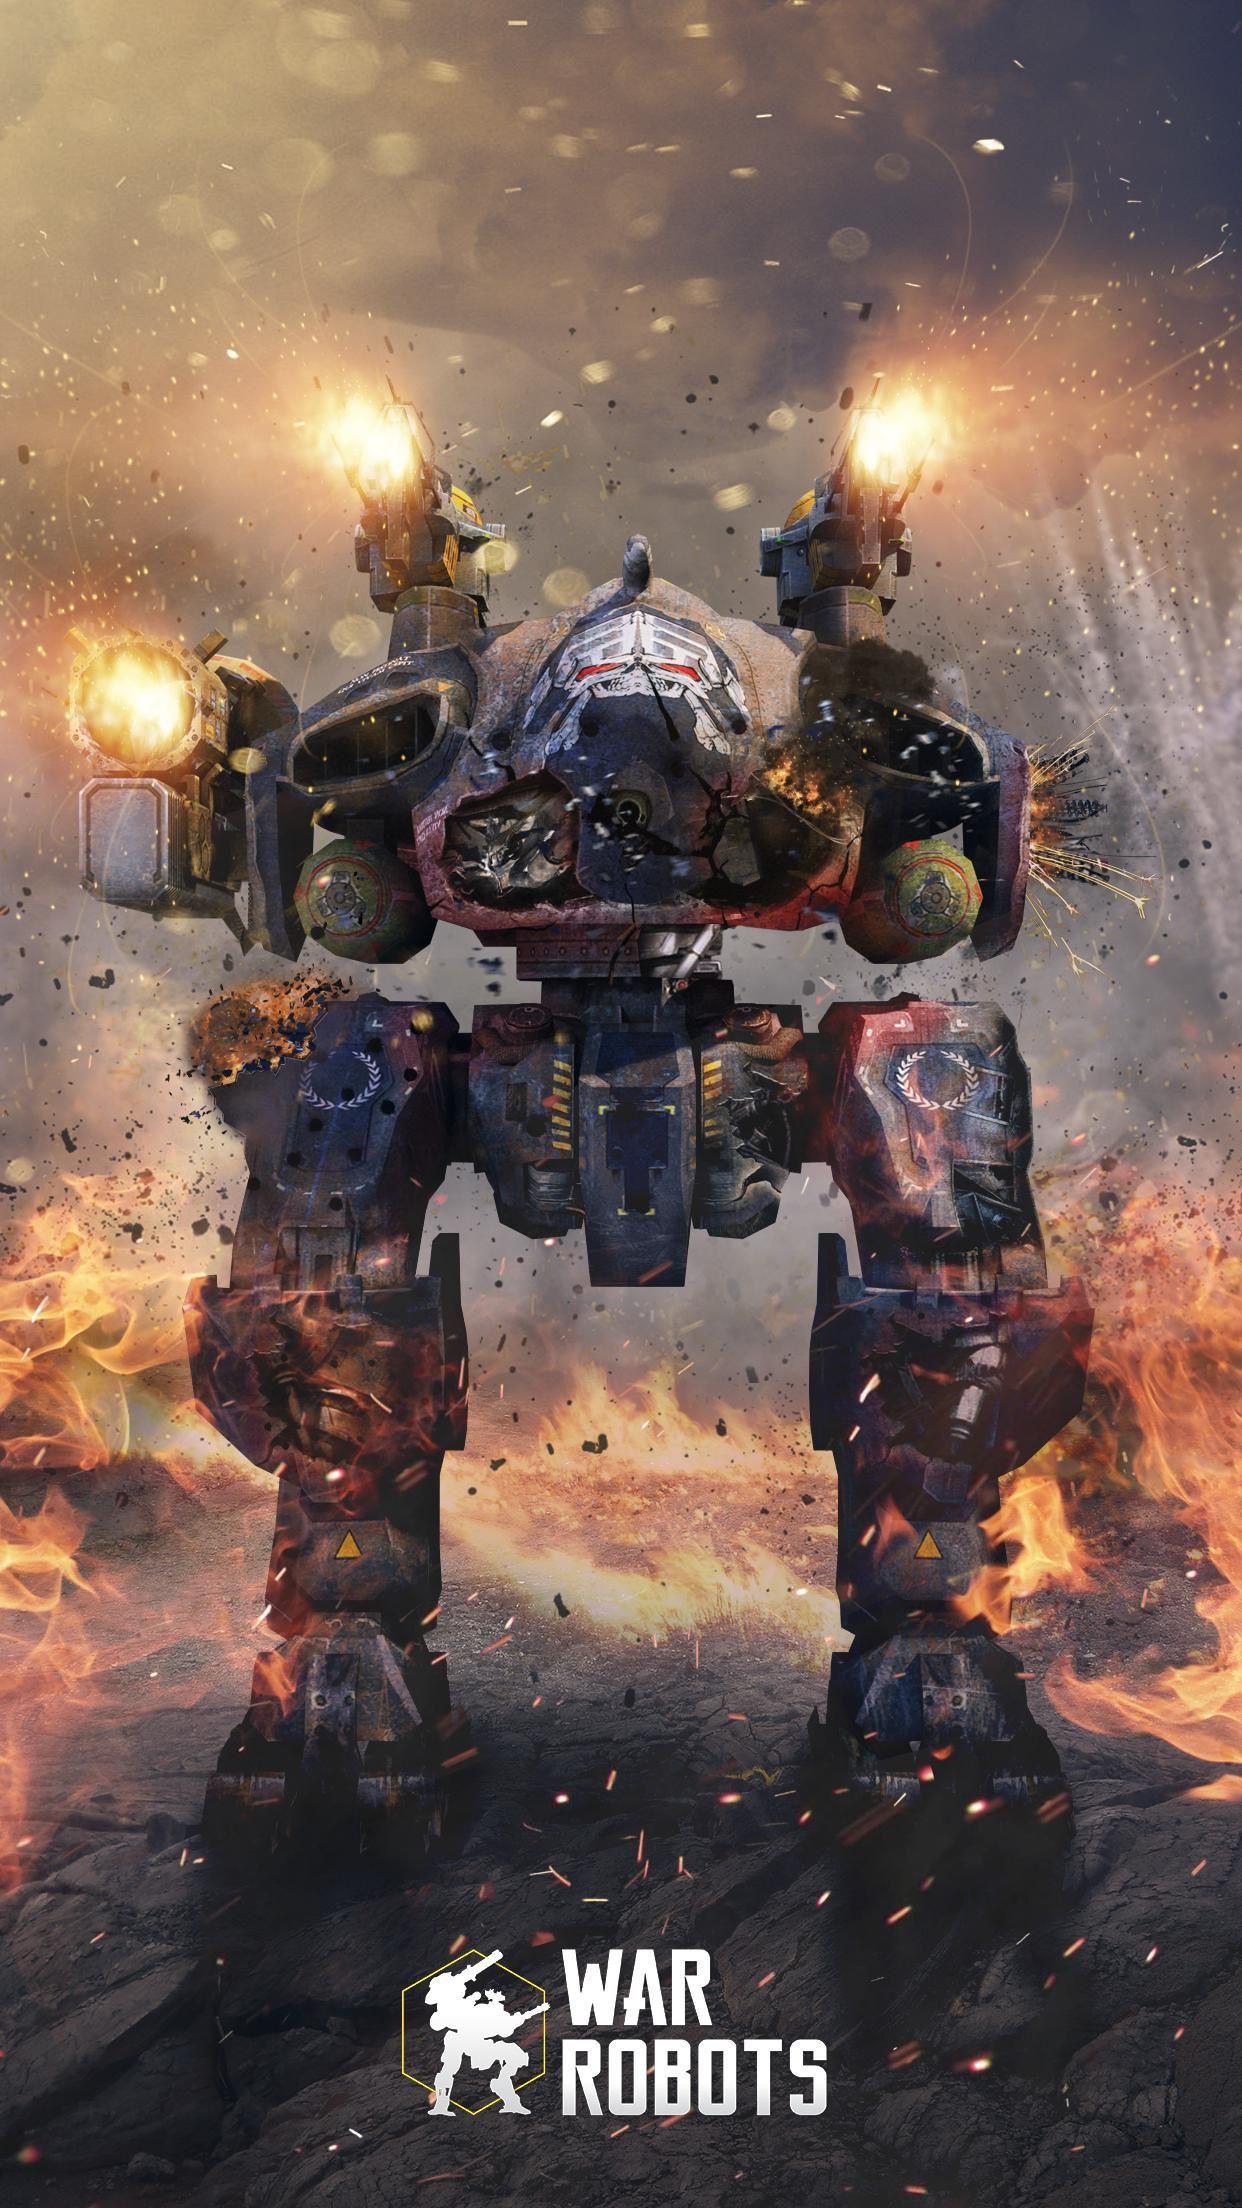 War Robot Picture On Wallpaper 1080p Hd Battle Tech Robot